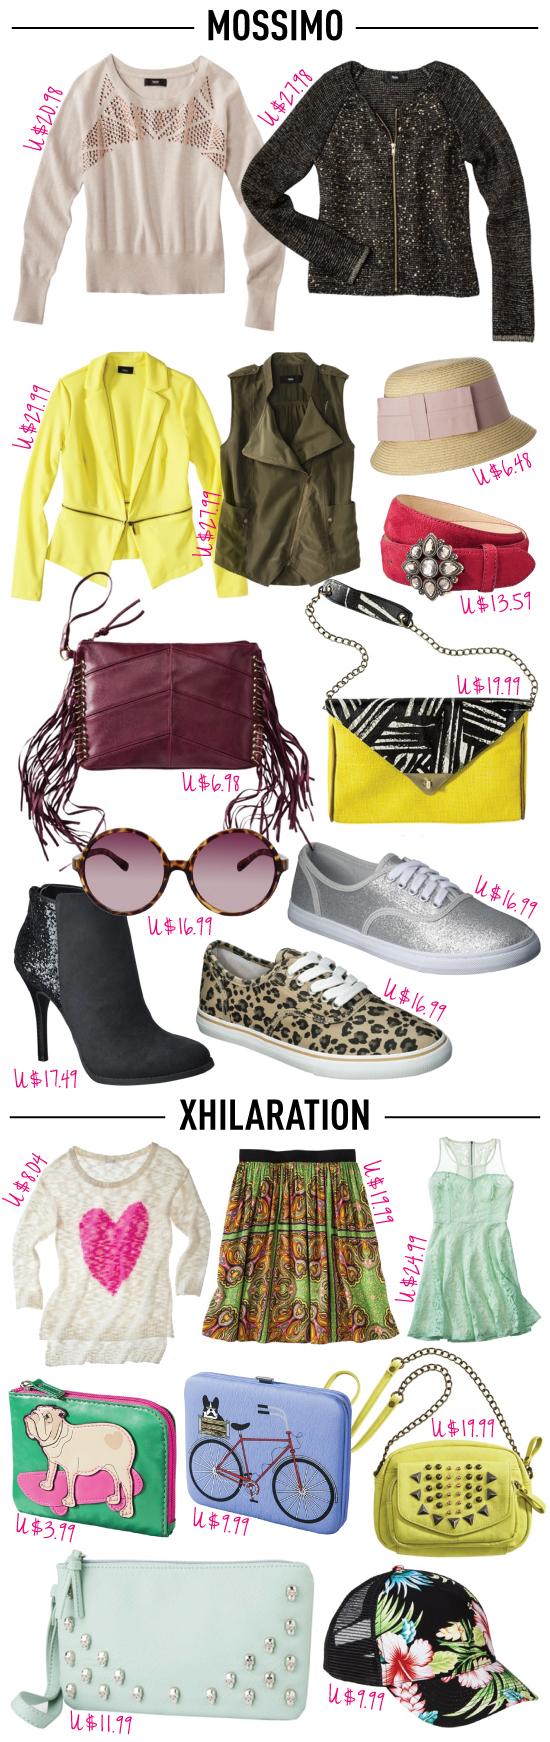 ny-post-dica-viagem-target-em-ny-onde-fica-brooklyn-starving-travel-new-york-roupa-fashion-moda-onde-comprar-compras-beleza-produtos-baratos-mossimo-marcas-xhilaration